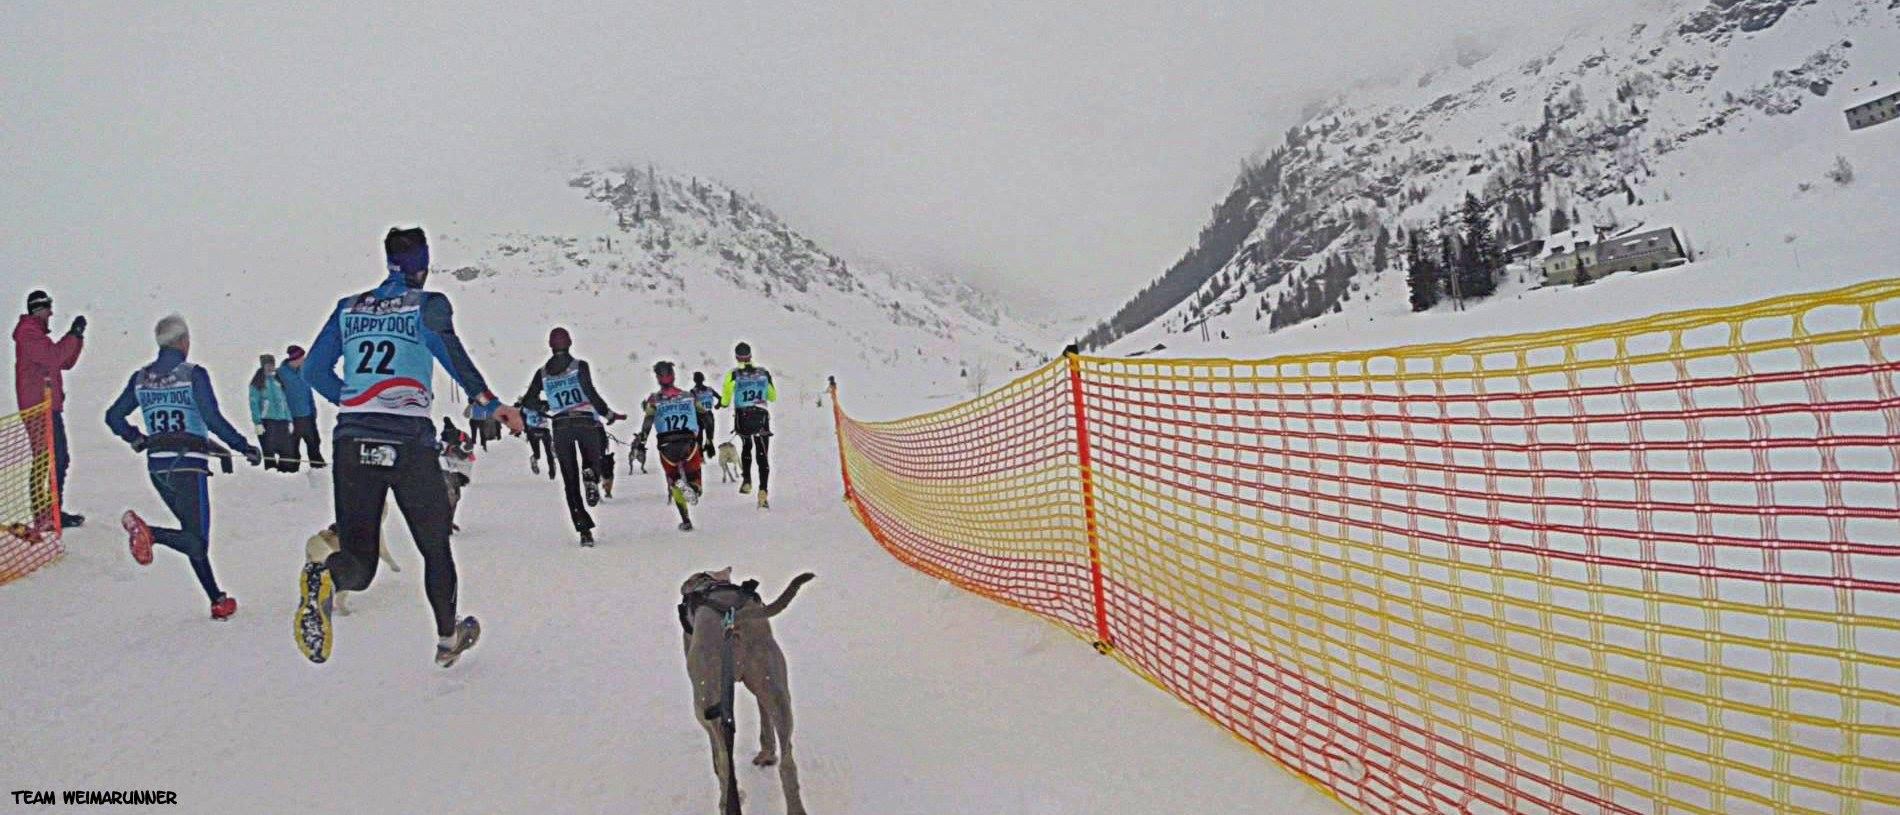 DerHundling-Sportgastein-SchneeCanicross2